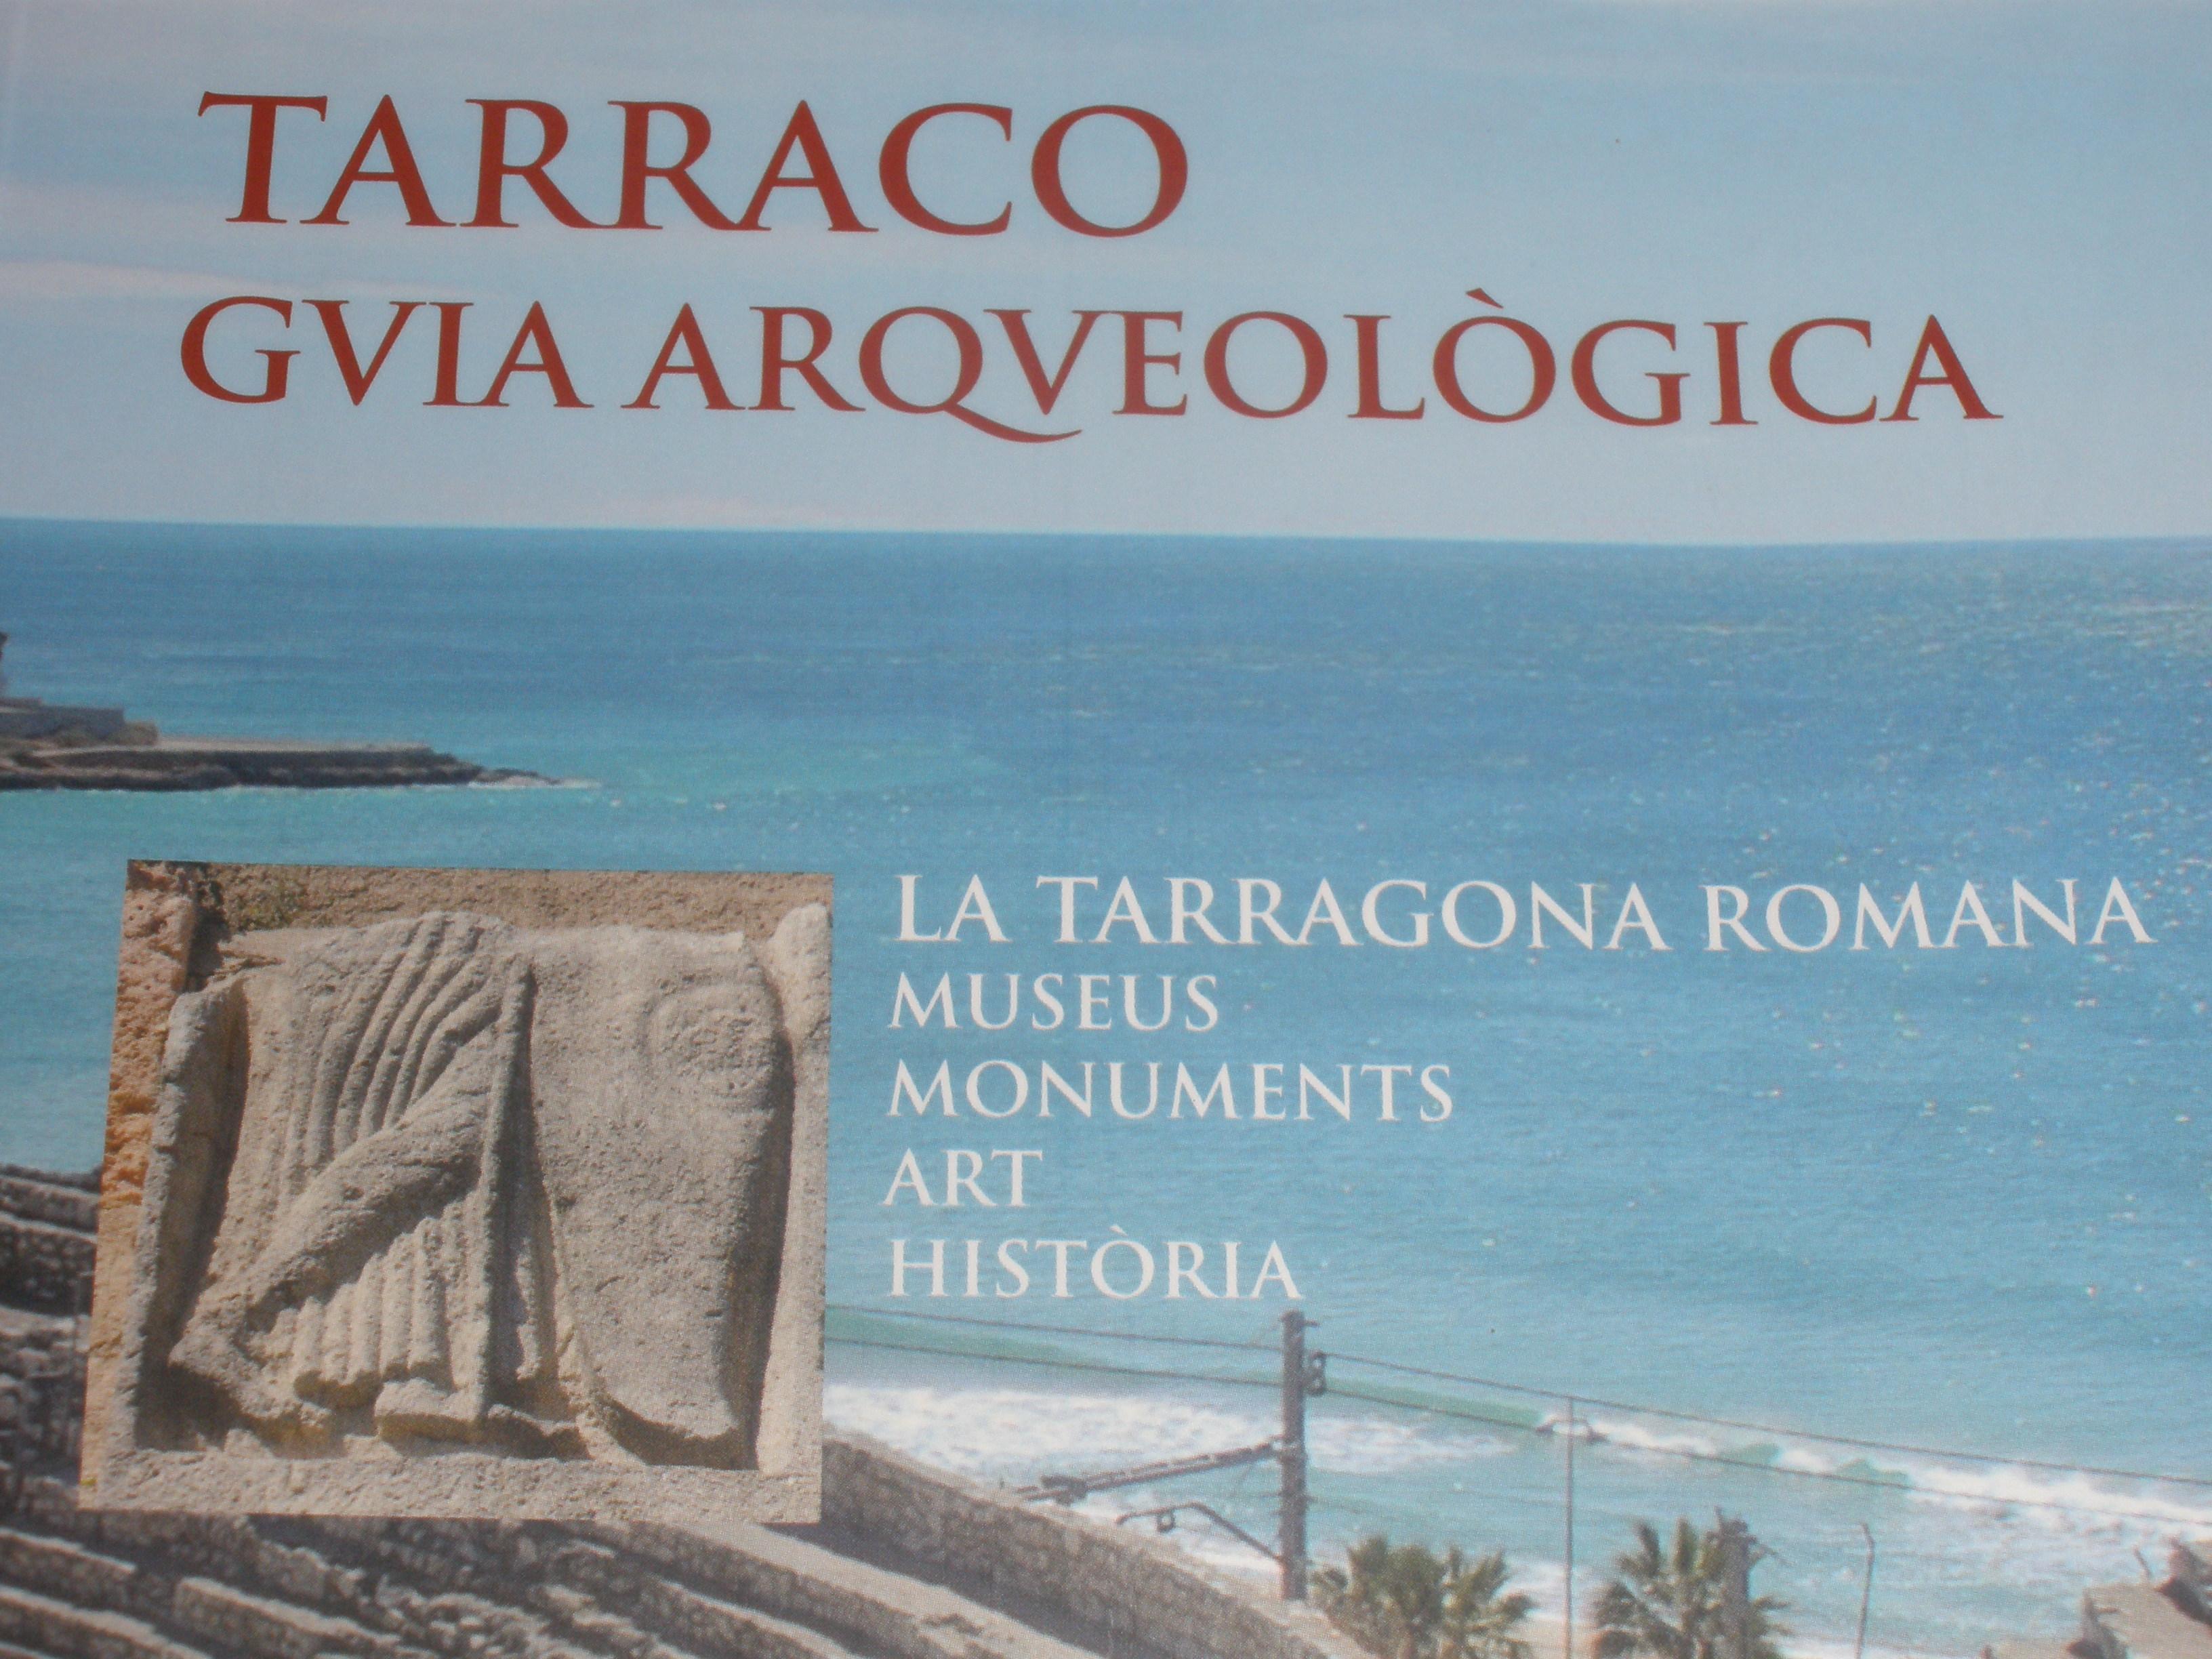 Portada de Tarraco, guia arqueològica, obra de la Reial Societat Arqueològica Tarraconense i la Fundació Privada Mútua Catalana